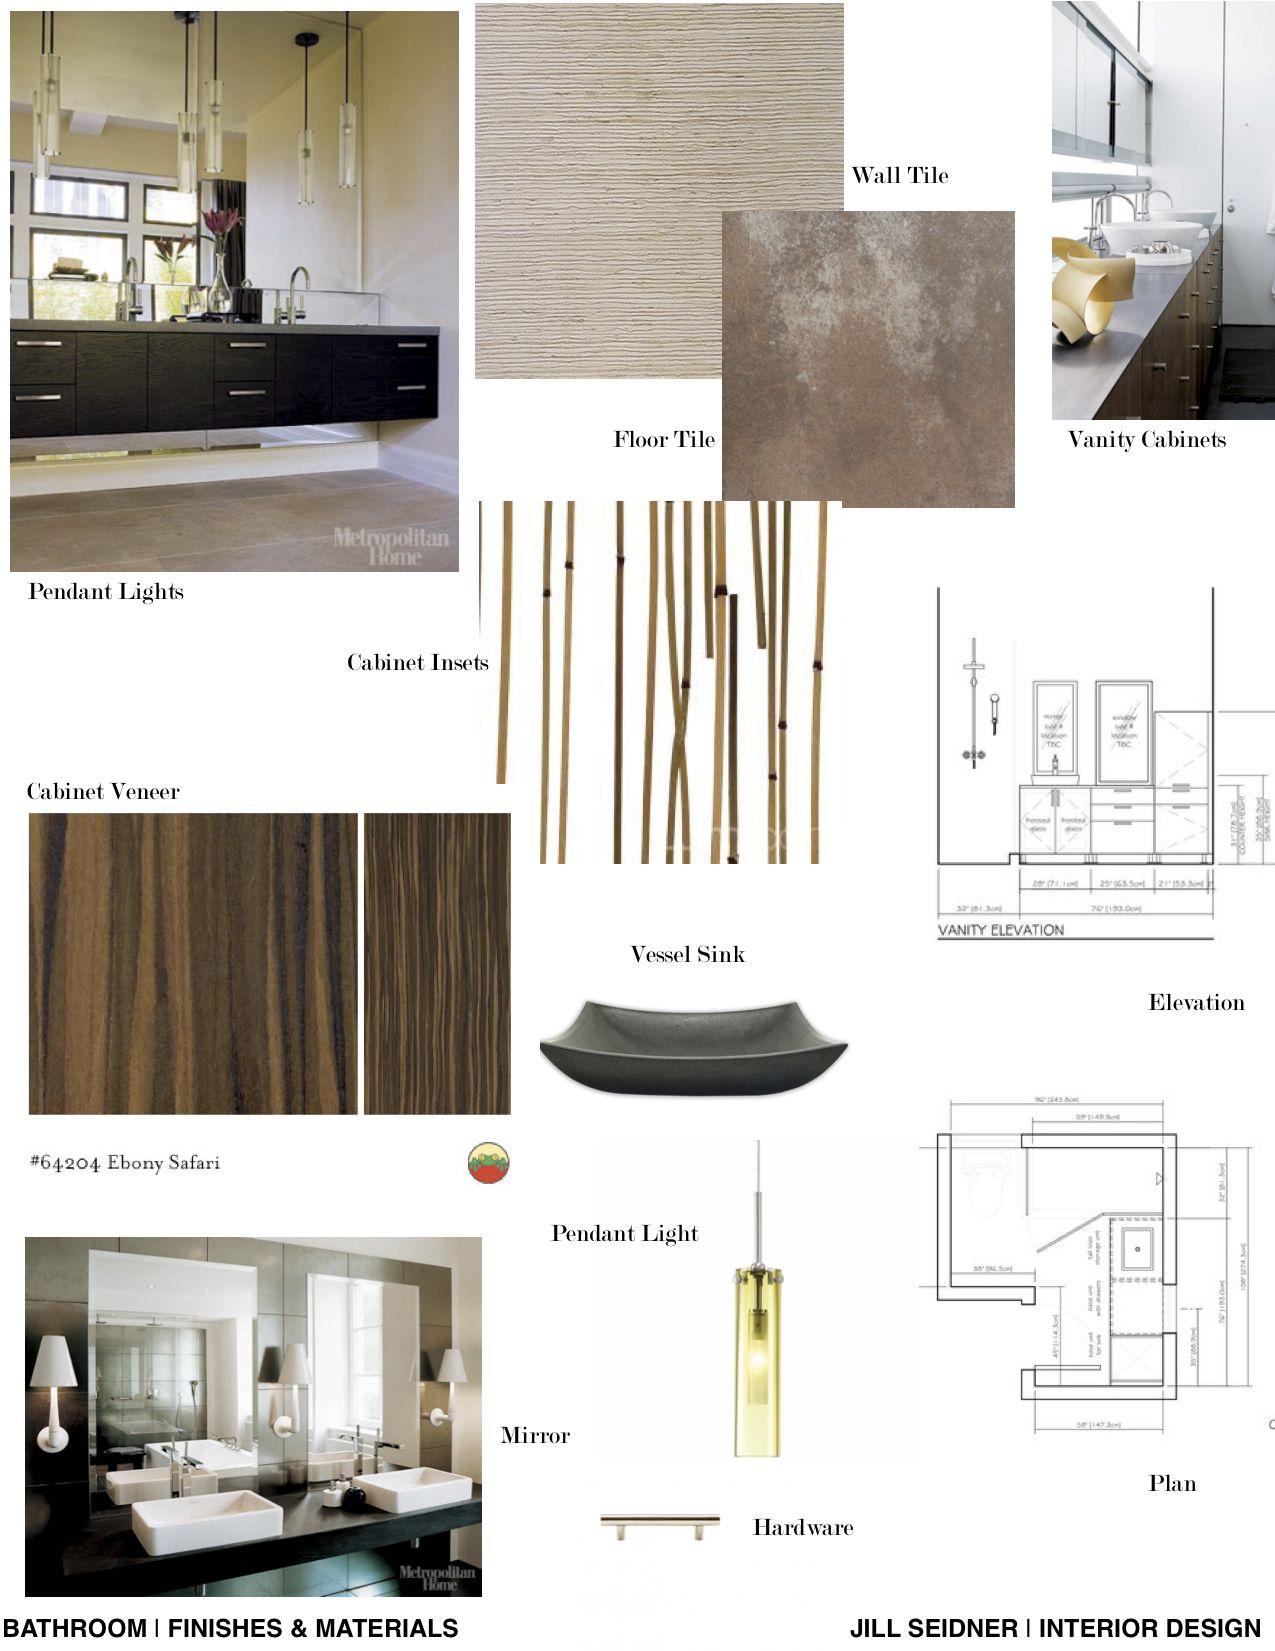 Concept Board For A Spa Bathroom Interior Design Mood Board